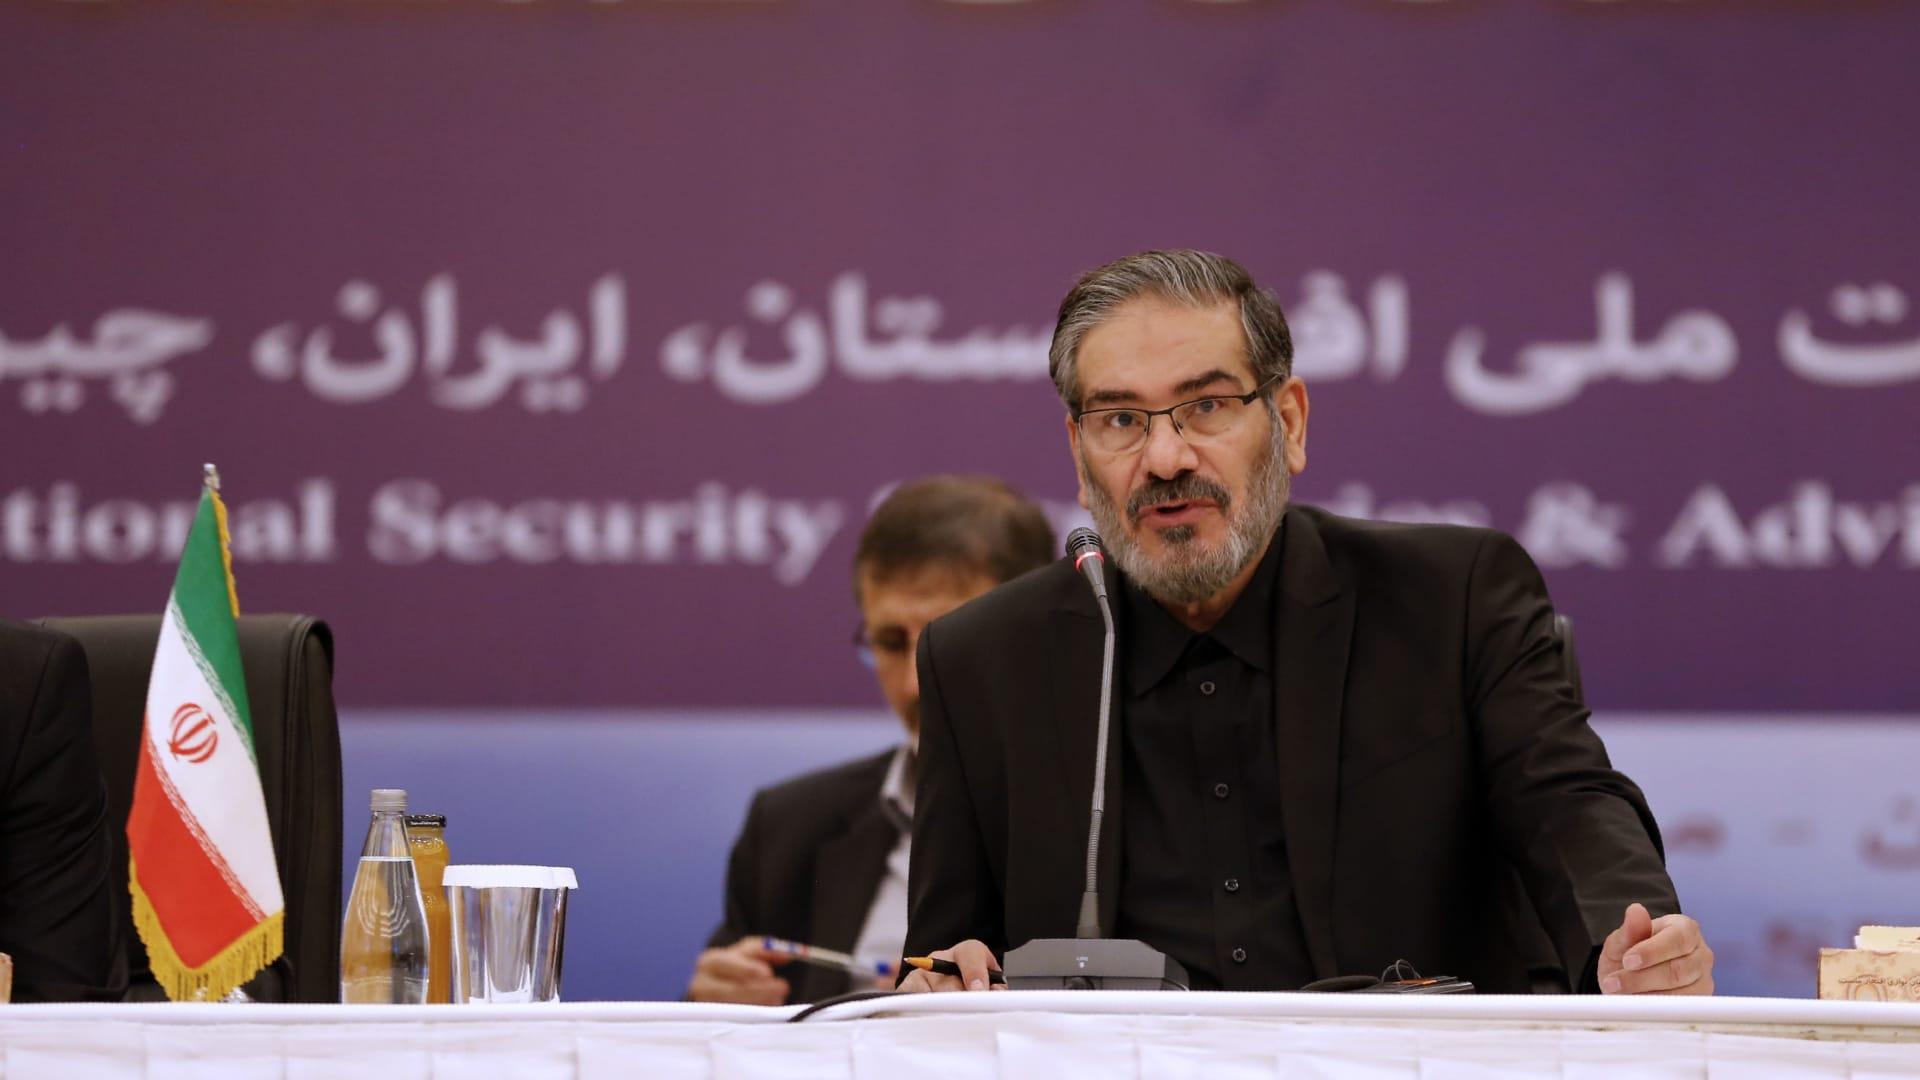 أمين المجلس الأعلى للأمن القومي الإيراني، علي شمخاني